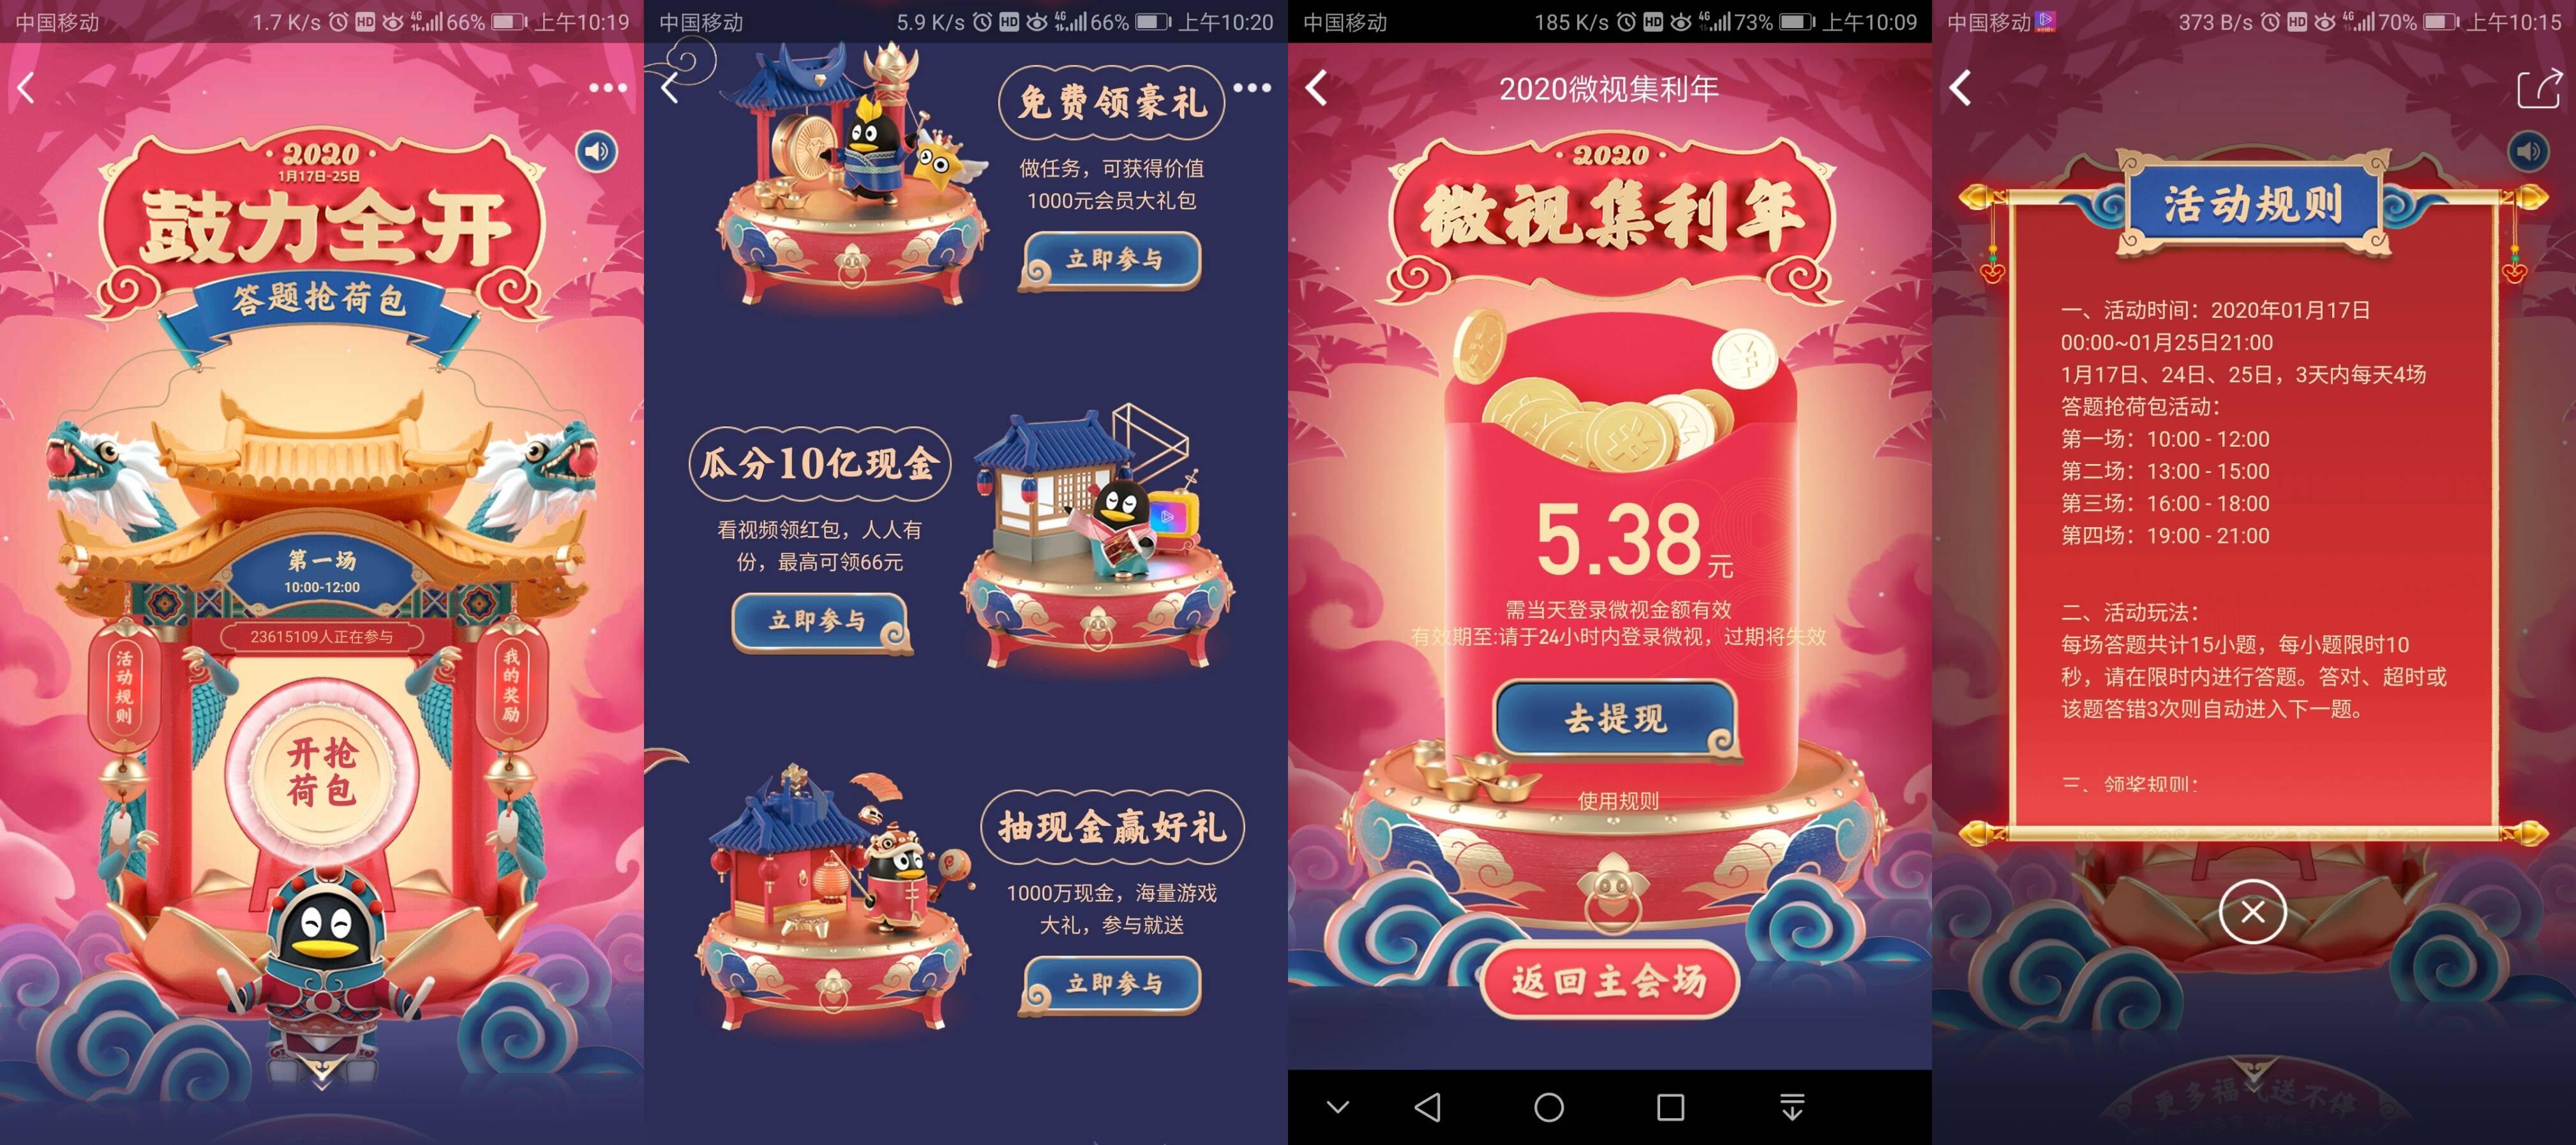 手机QQ鼓力全开撸春节红包